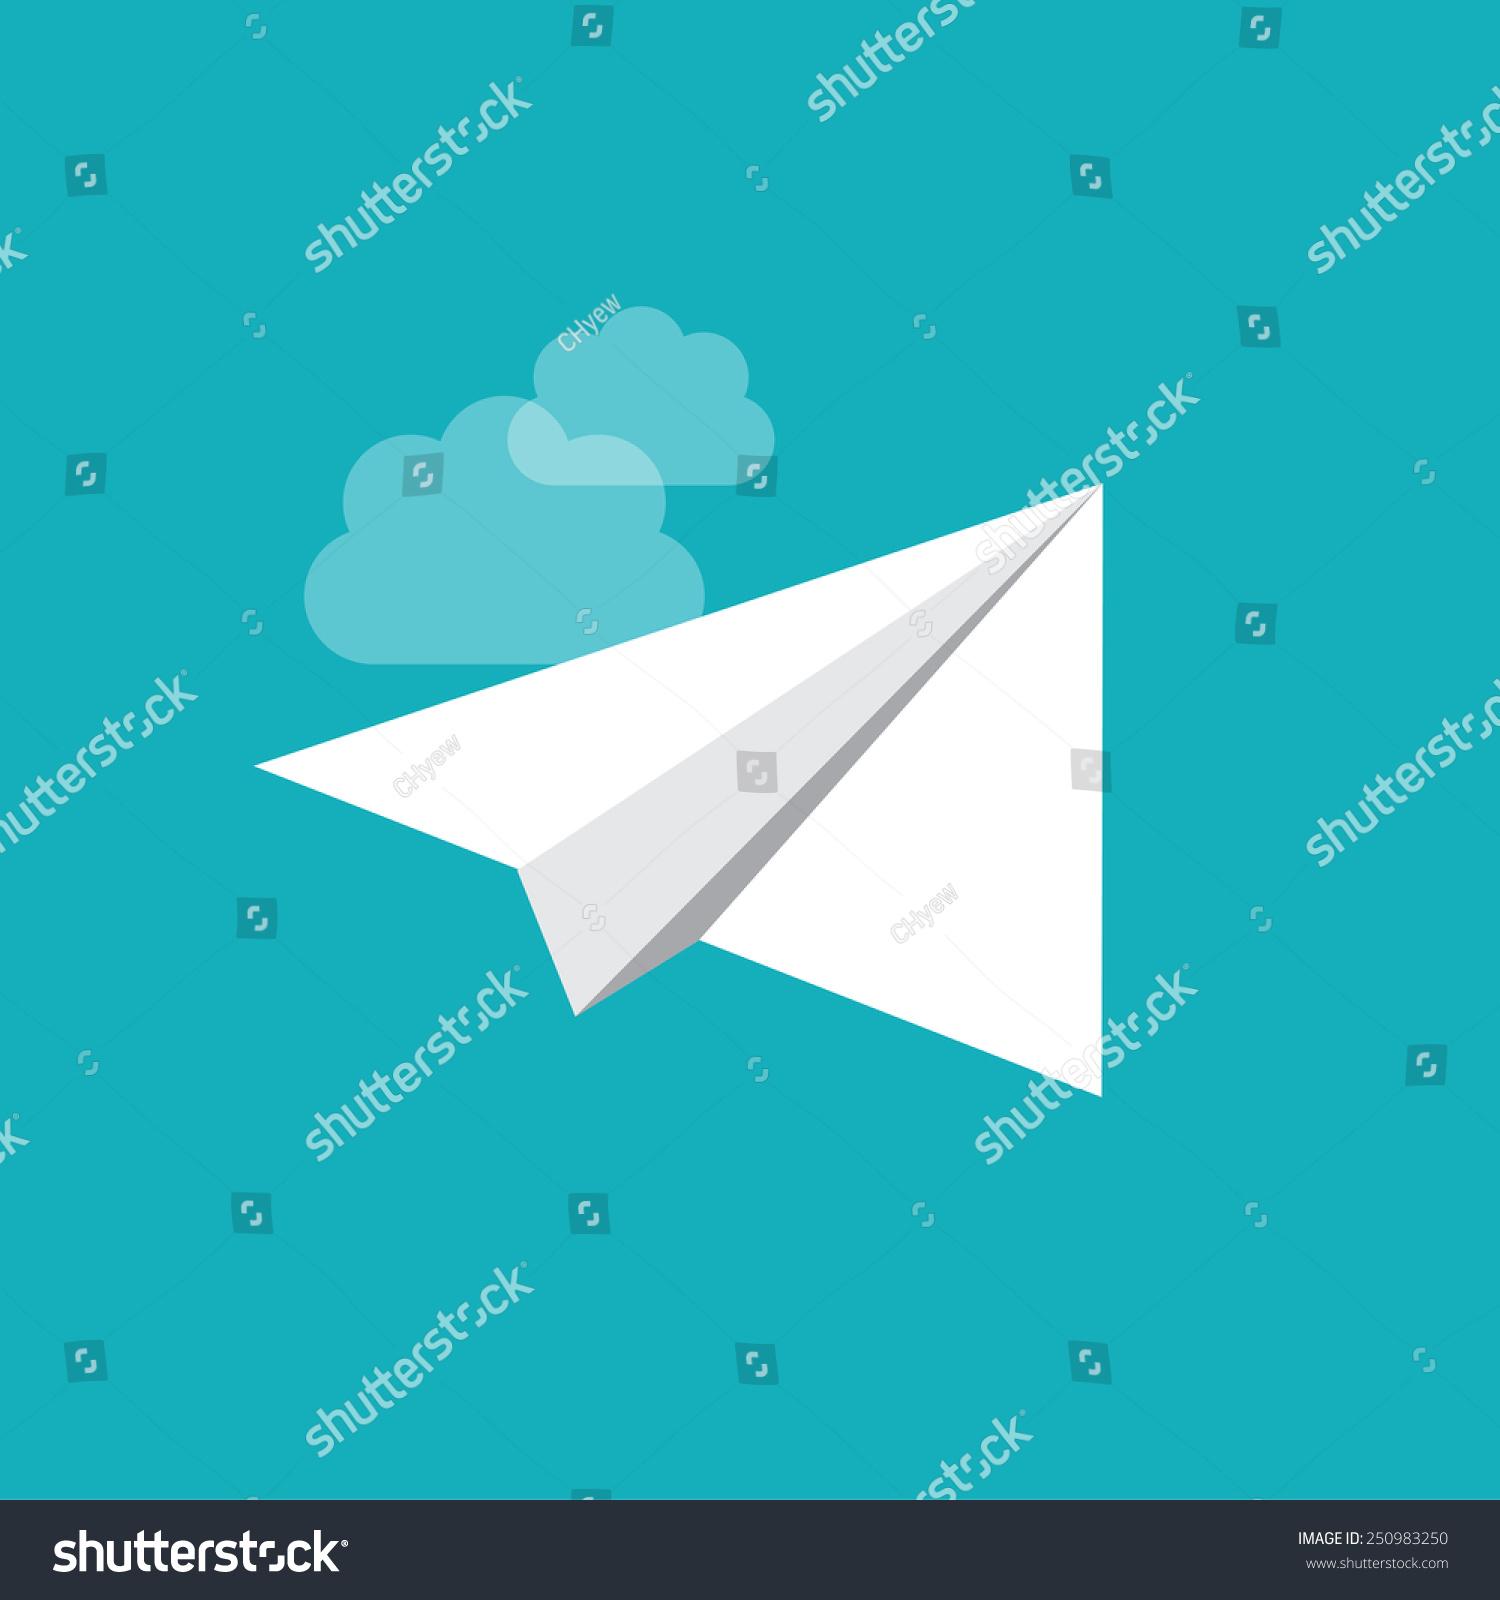 Vector Origami Plane Stock Vector 250983250 - Shutterstock